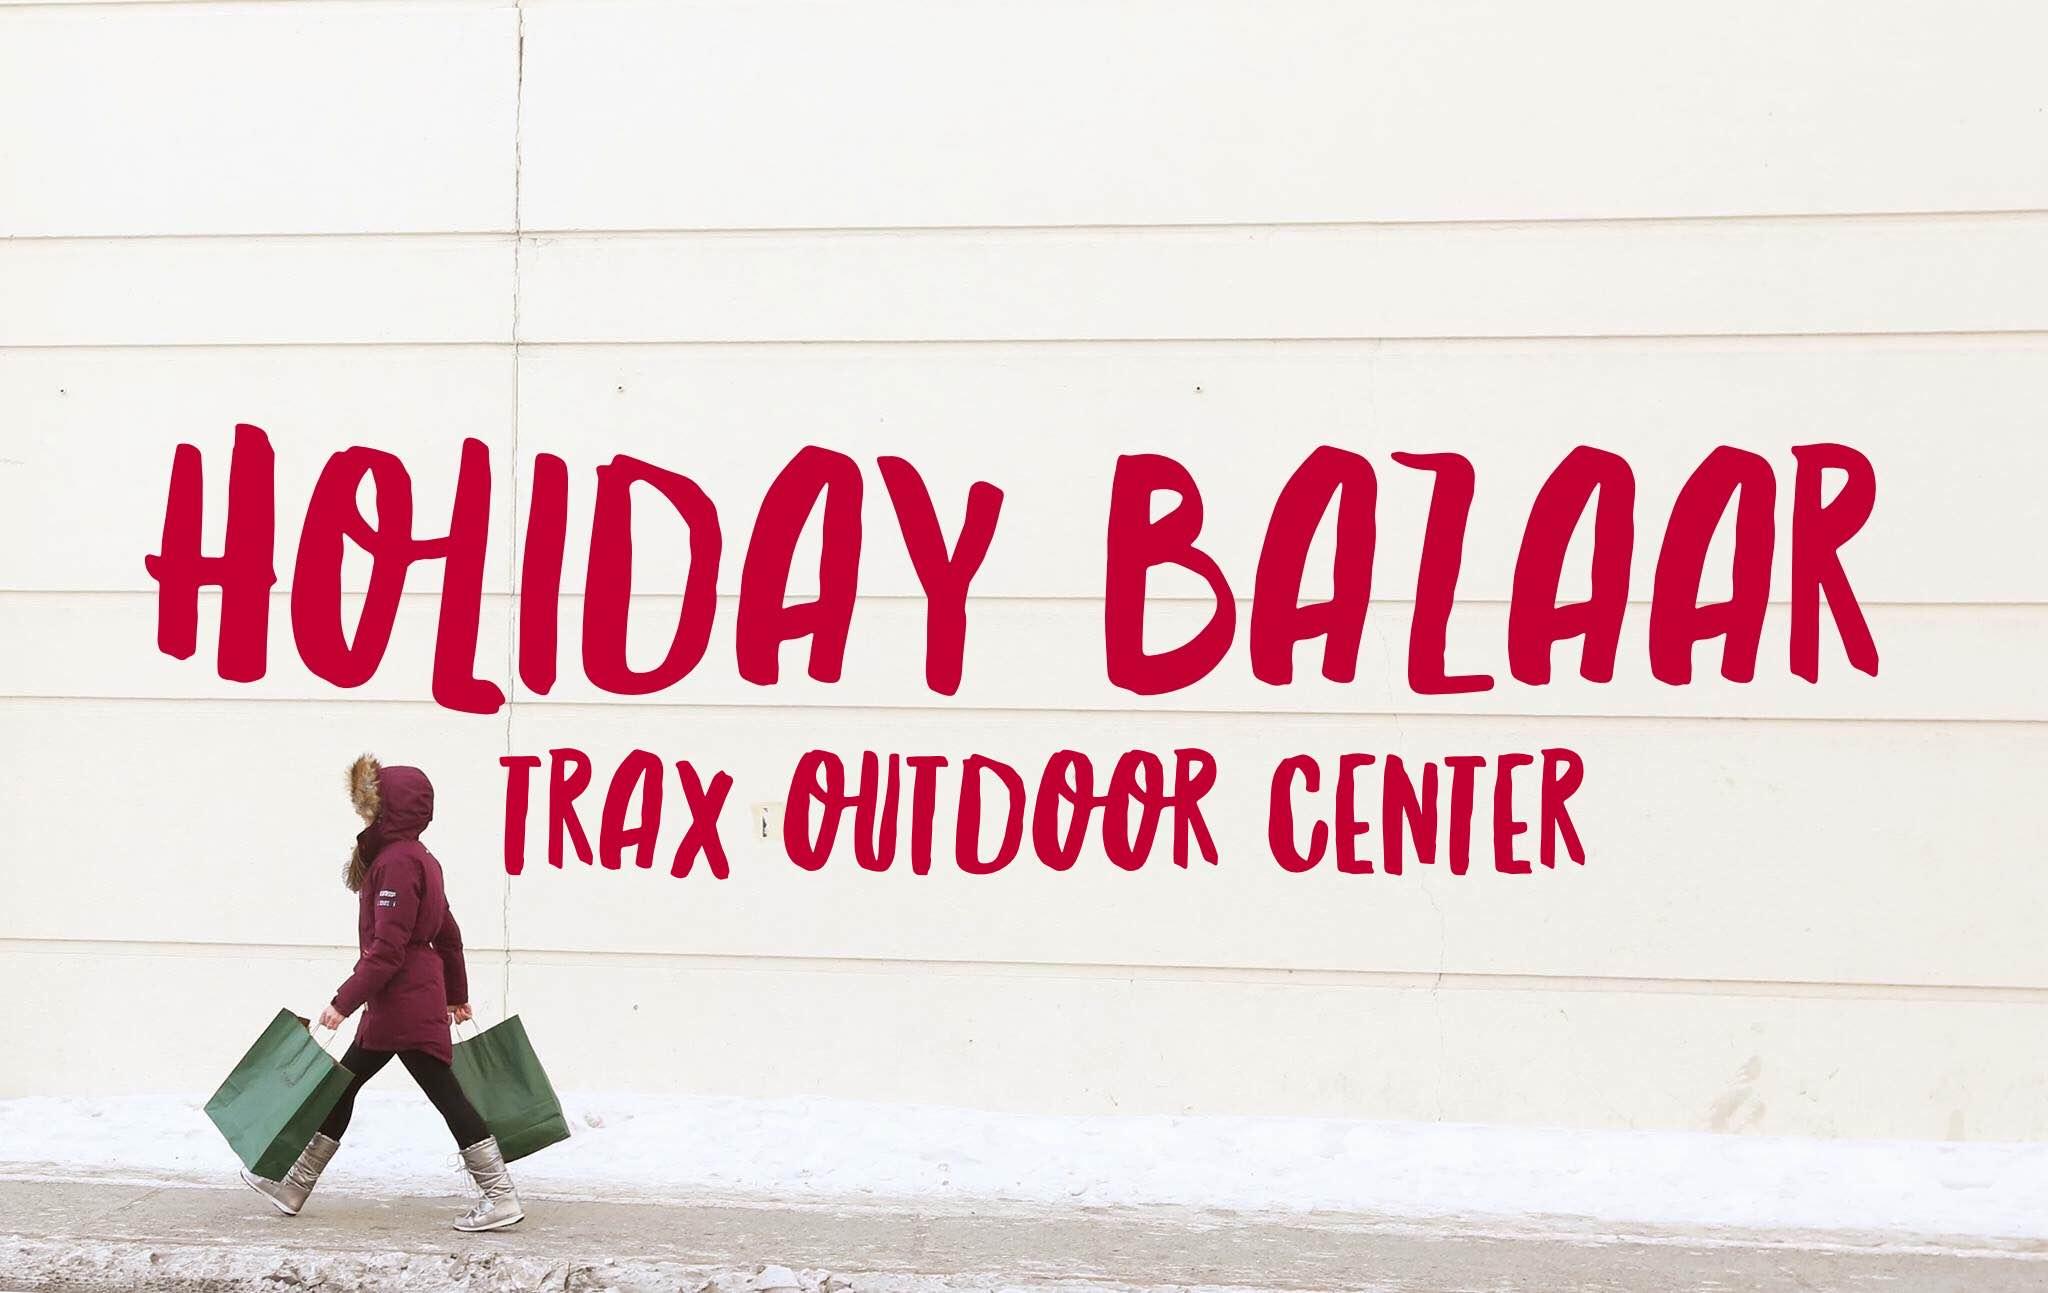 Fairbanks Holiday Bazaar at Trax